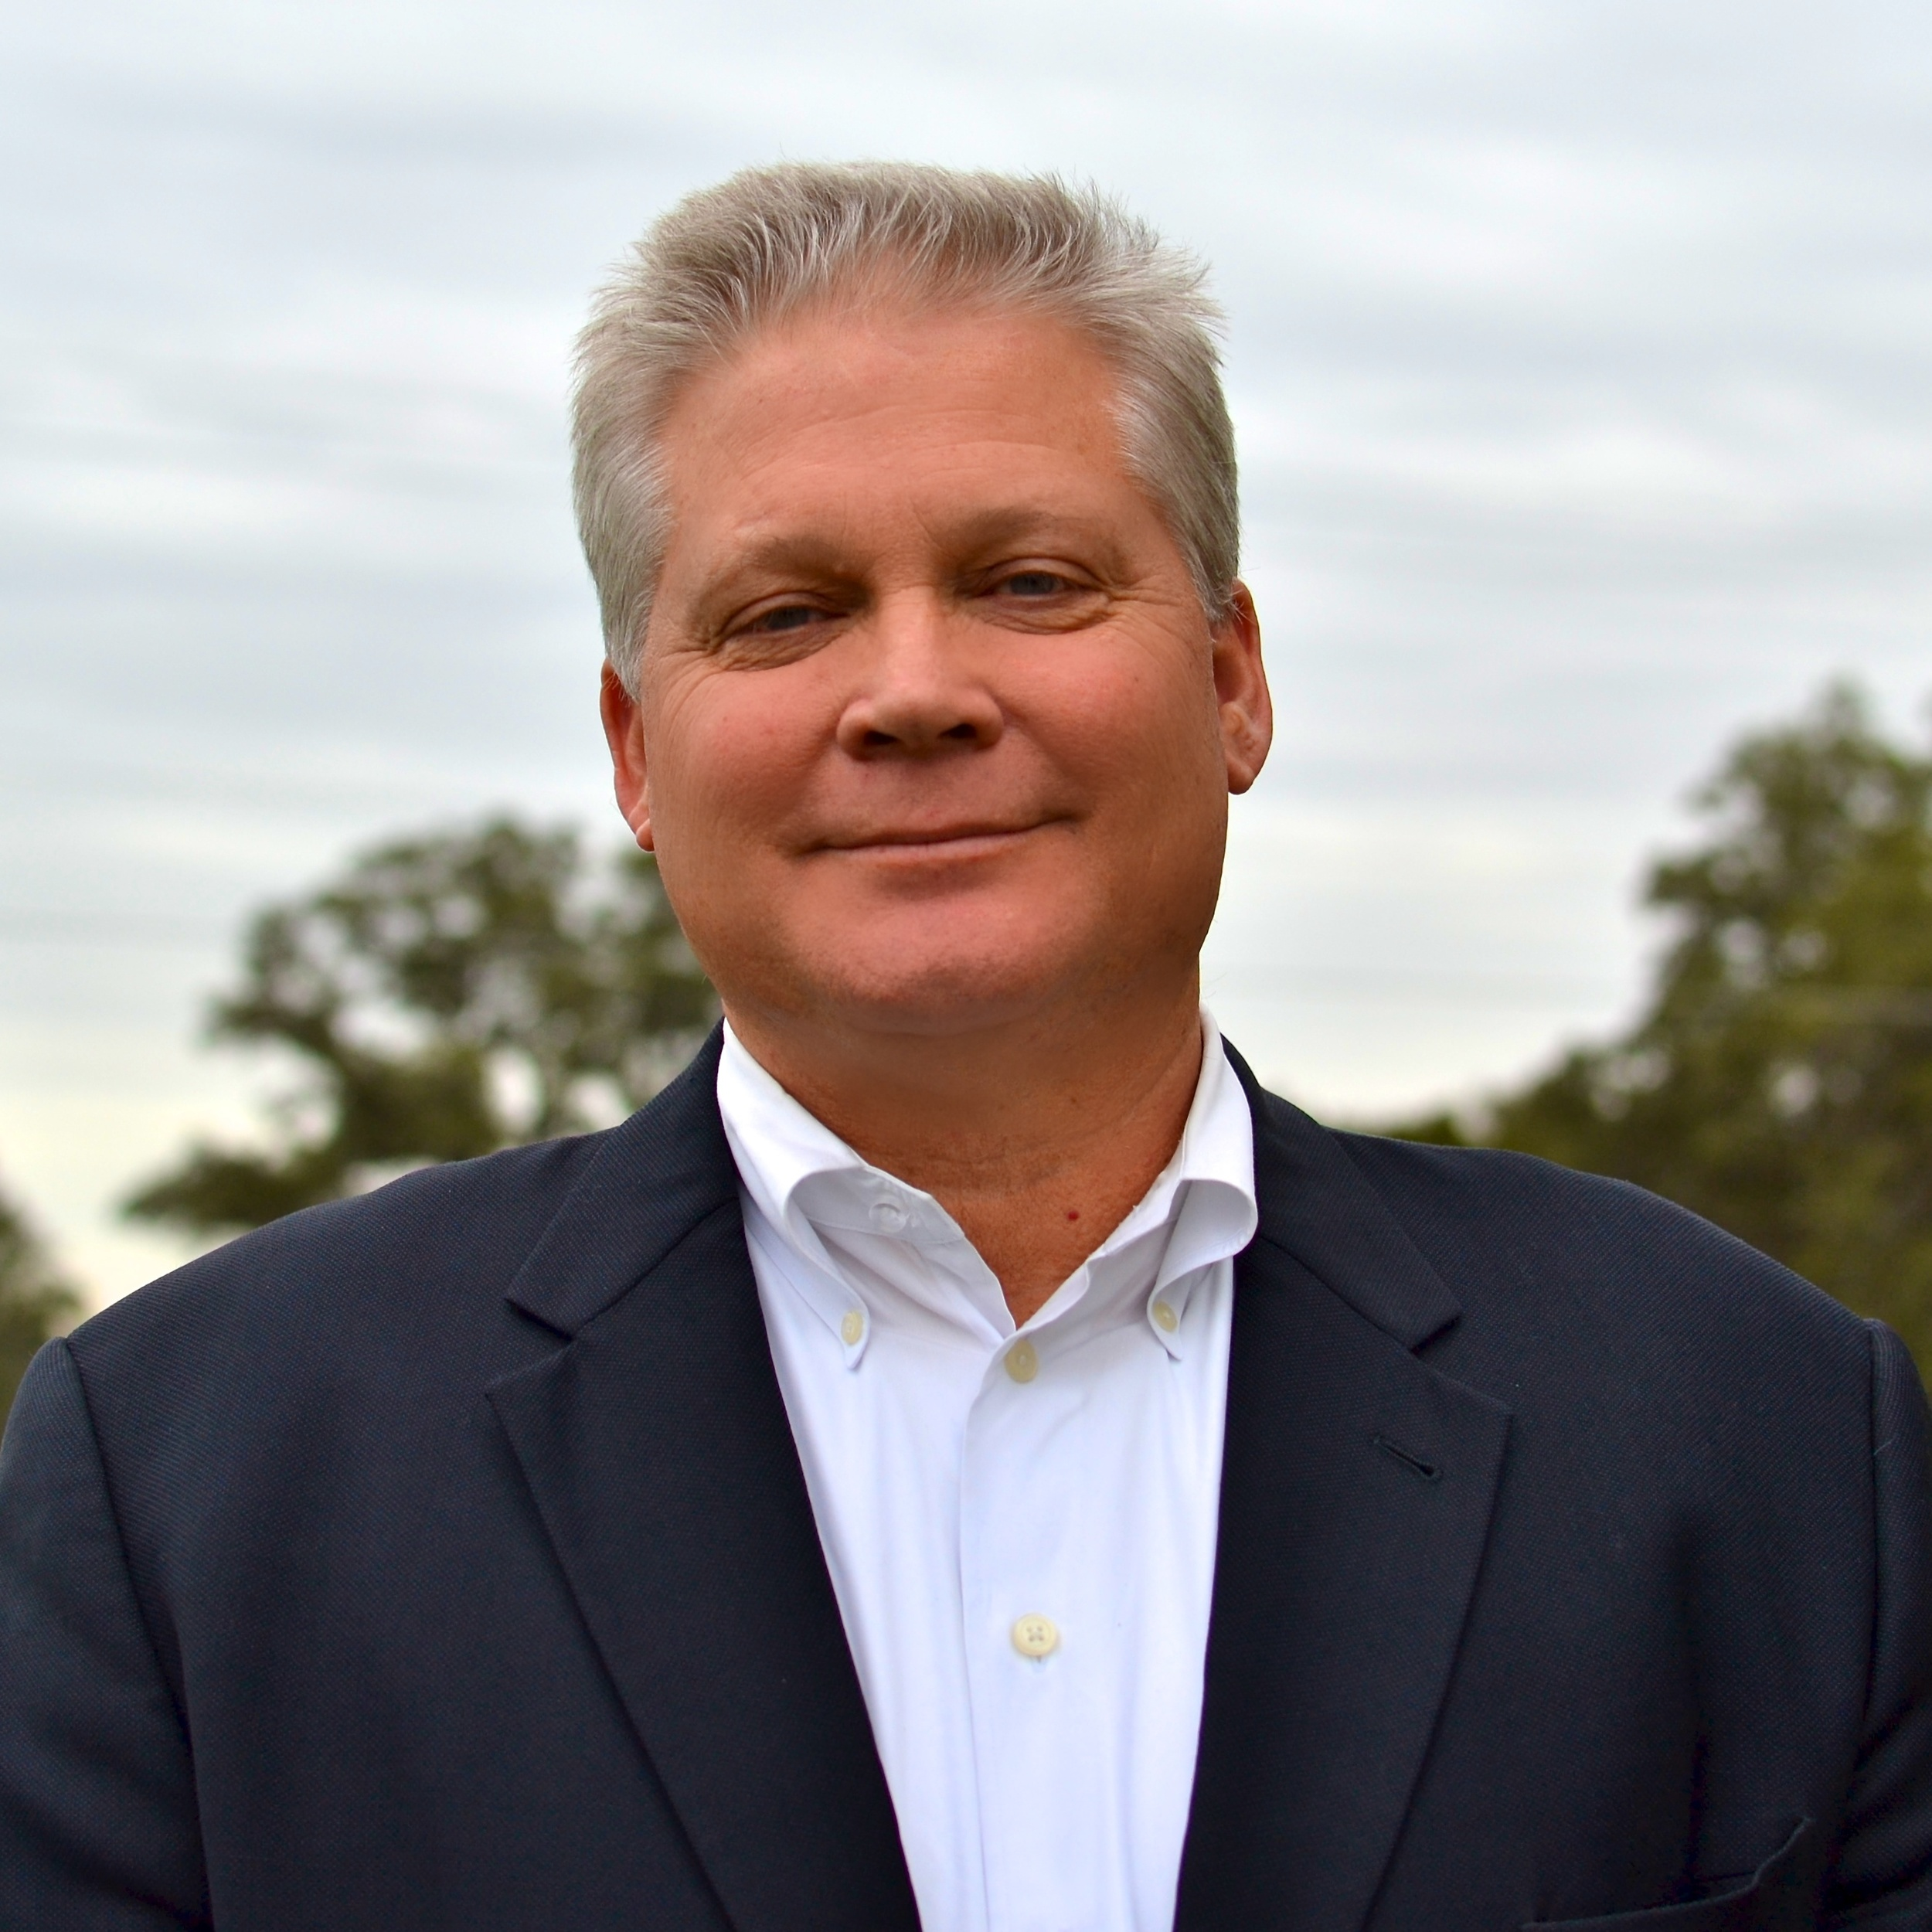 Andy Mangan, Executive Director